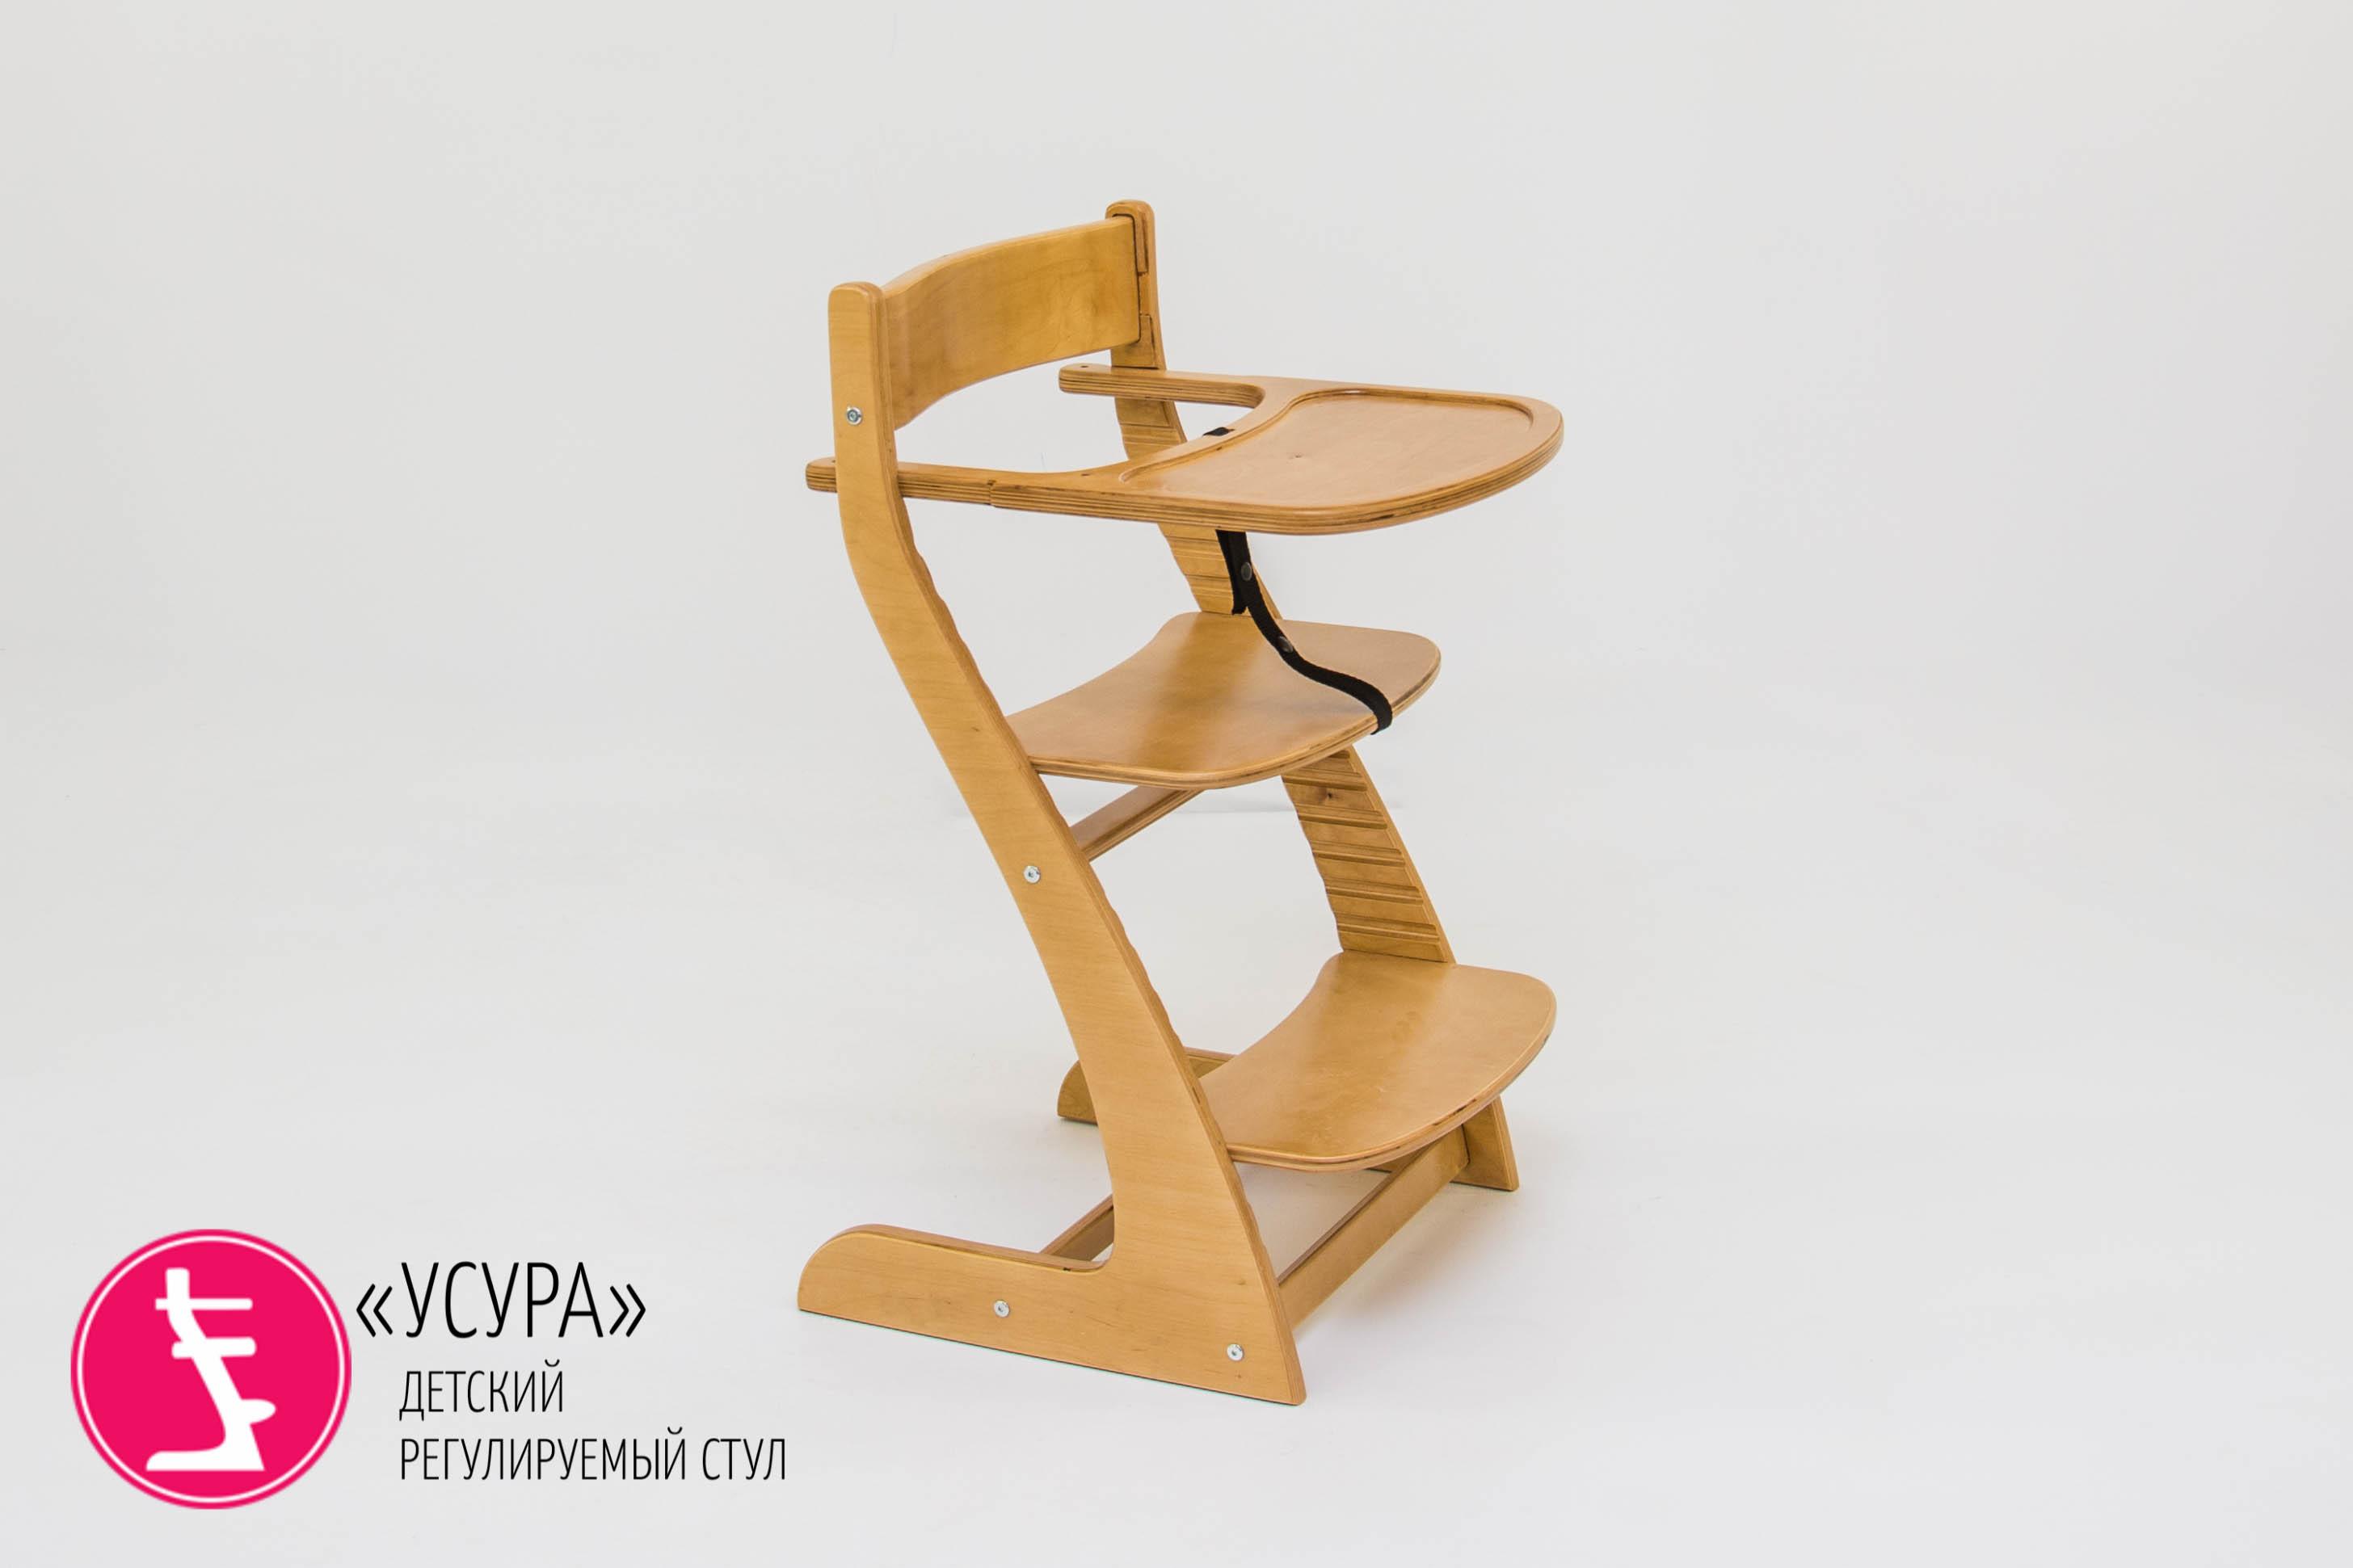 """Детский растущий регулируемый стул Бельмарко """"Усура древесный"""" Детский растущий регулируемый стул Бельмарко """"Усура древесный"""" 560"""